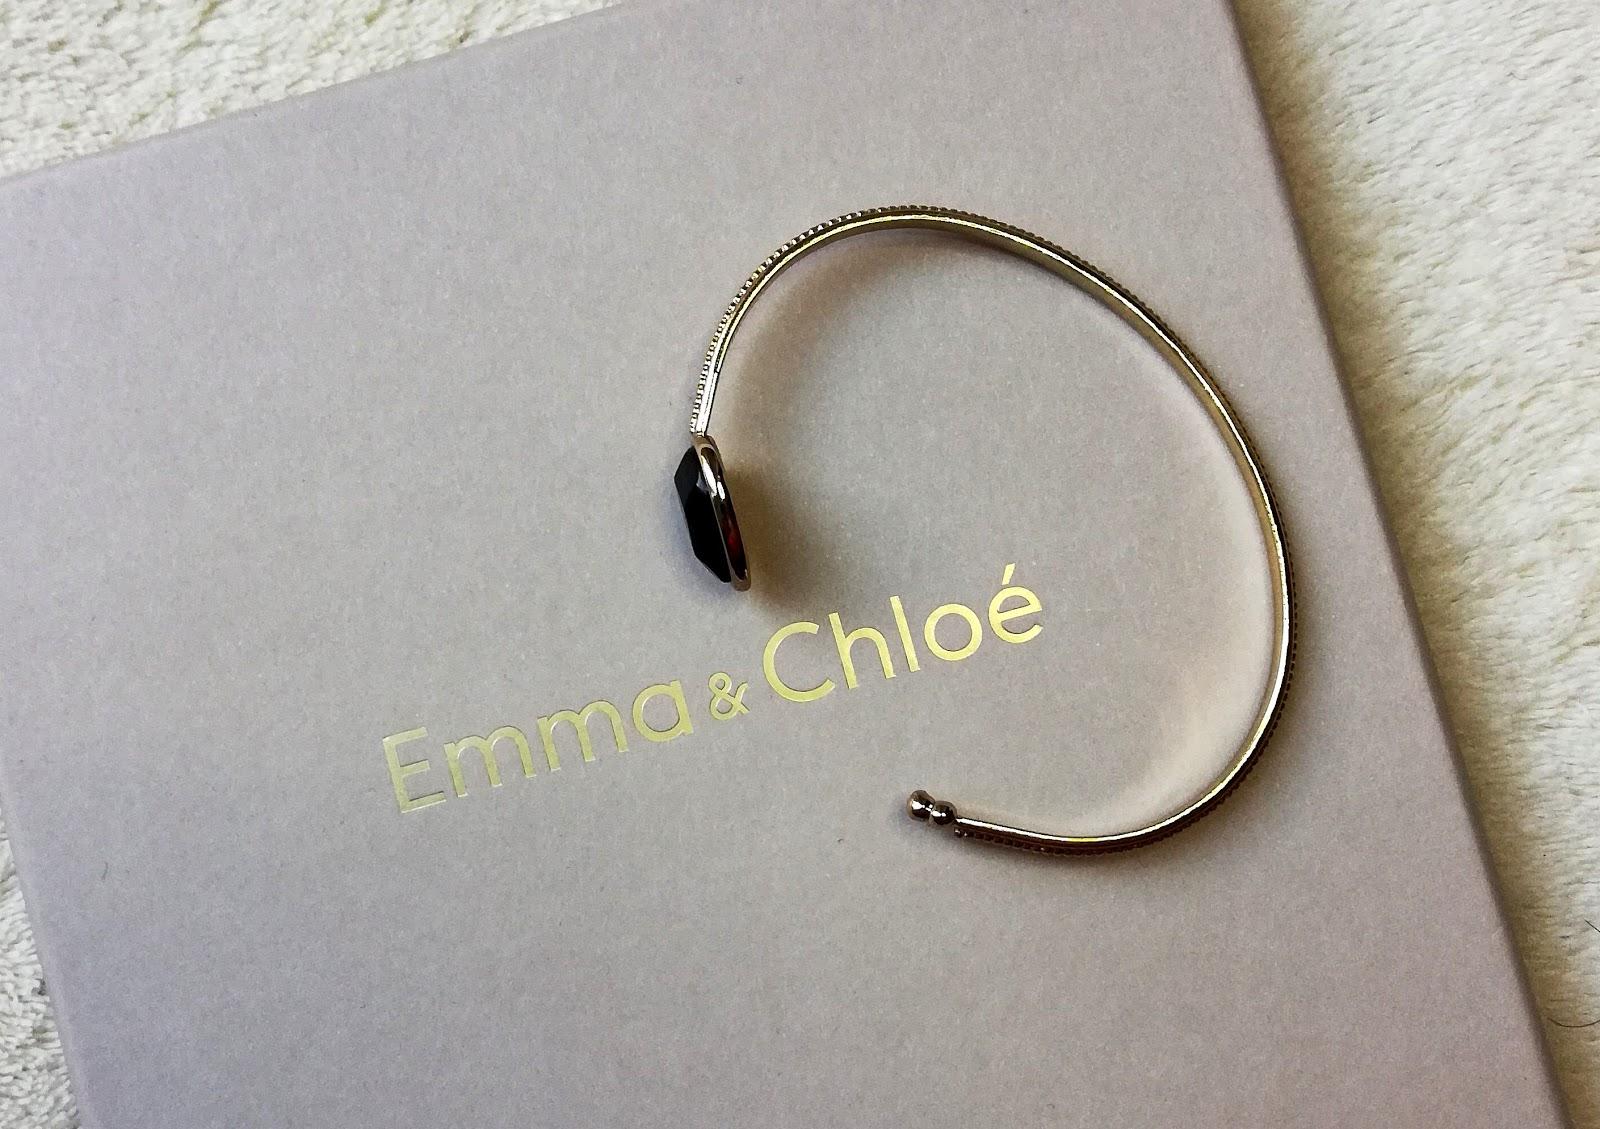 Emma & Chloé Septembre 2019